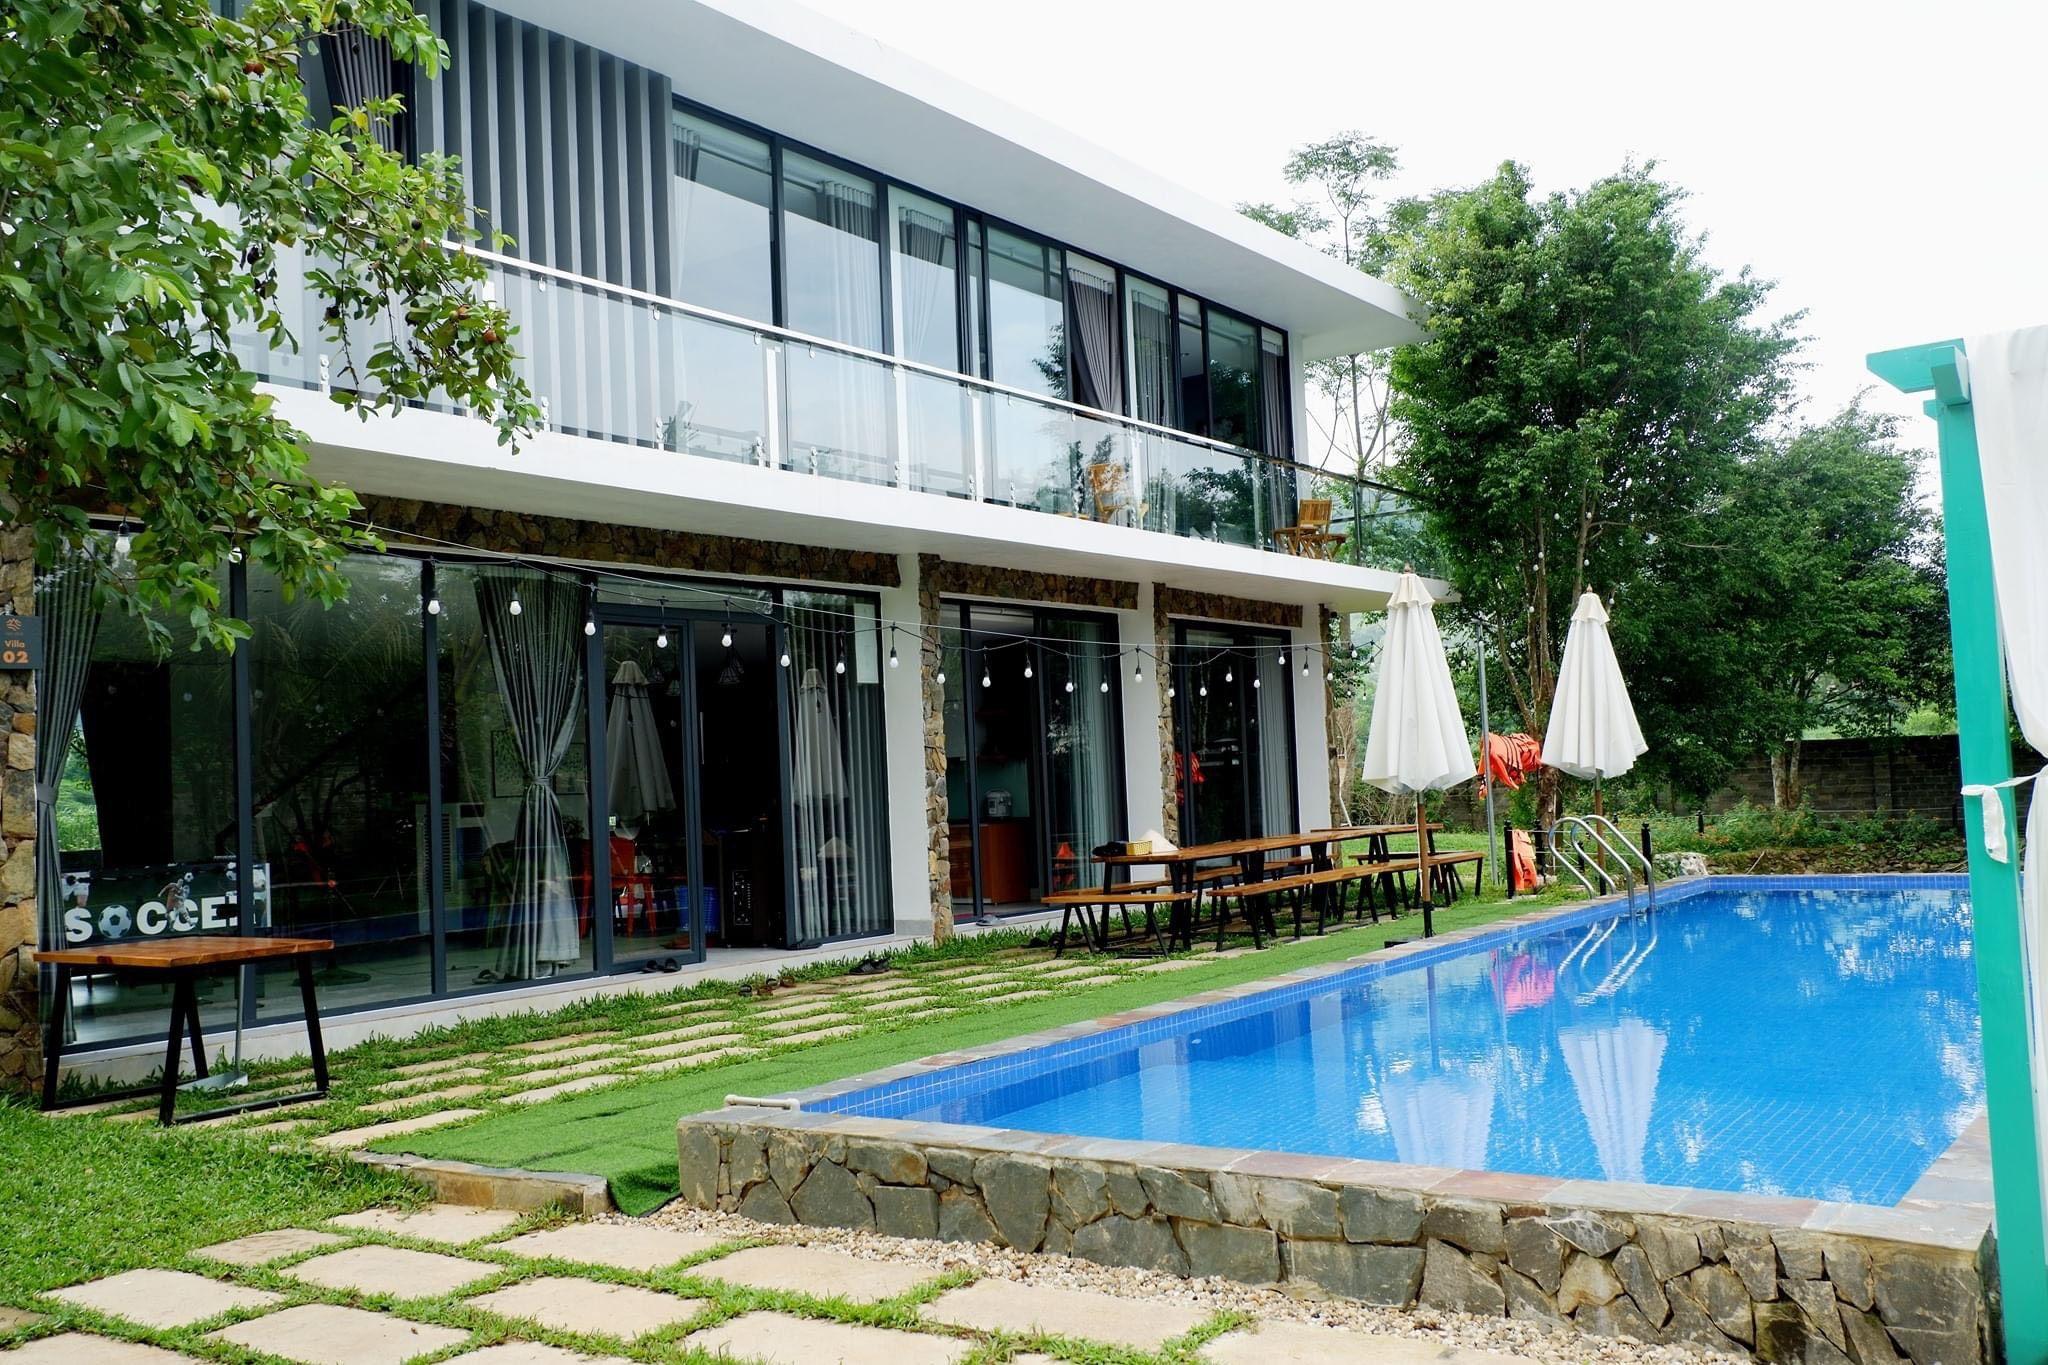 khong-gian-villa-18-tan-view-bungalow-villa-homestay-ba-vi-ha-noi-01